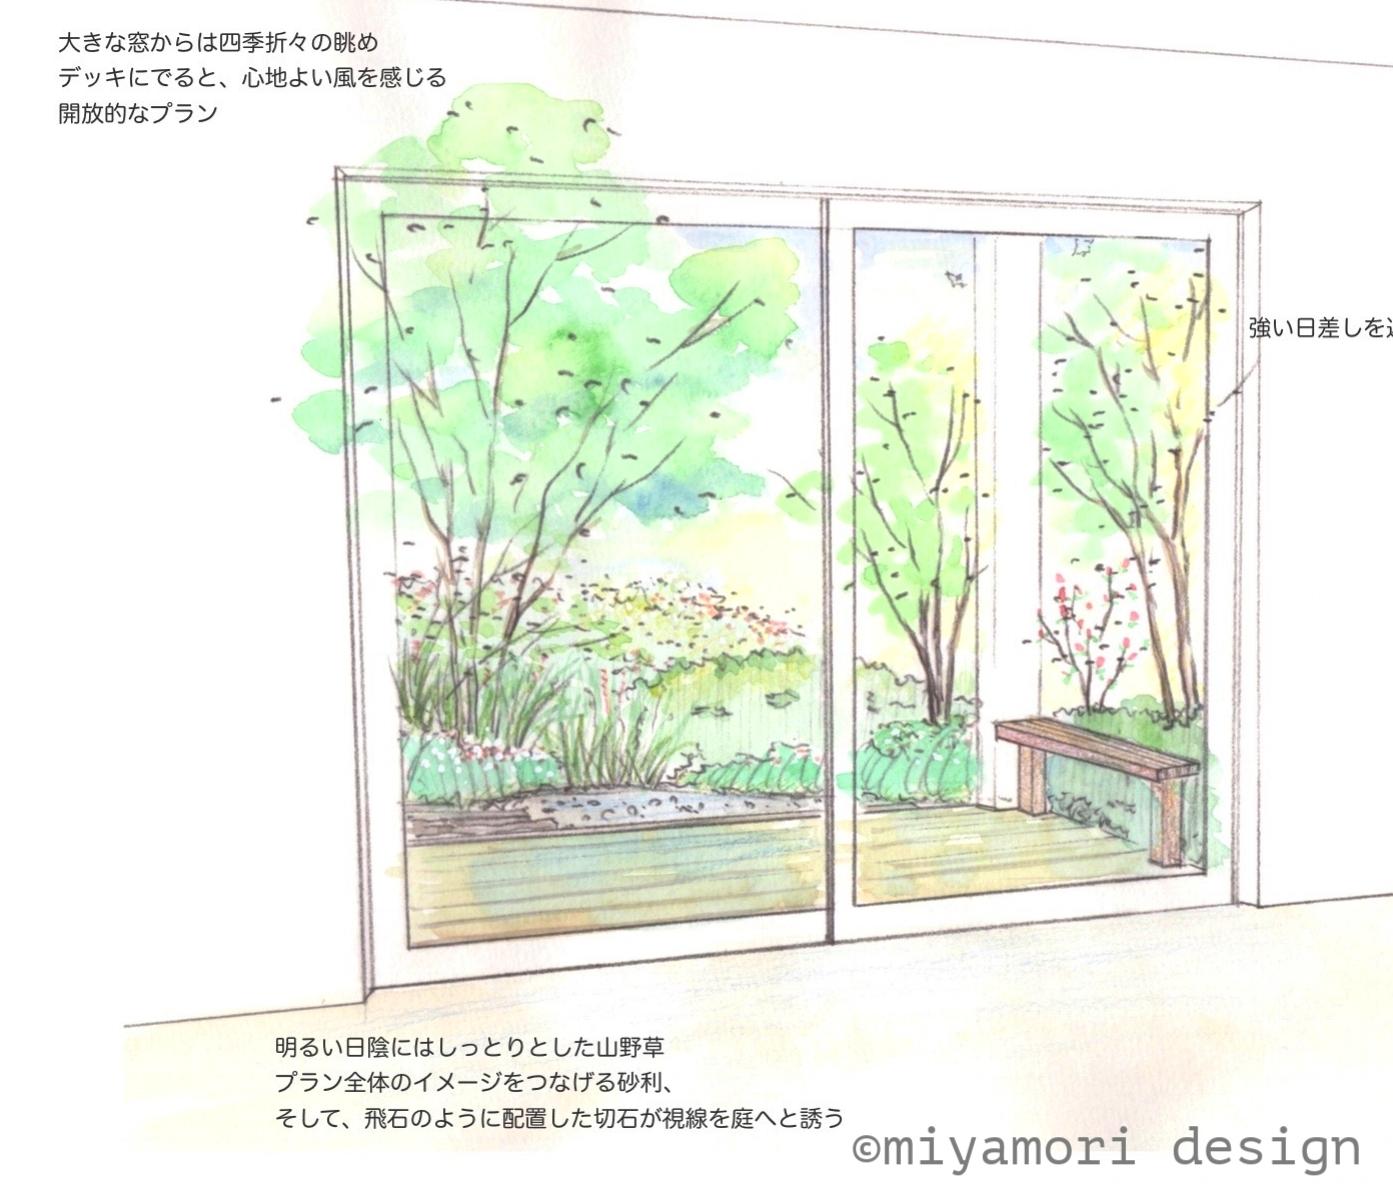 リビング前イメージスケッチ©miyamoridesign